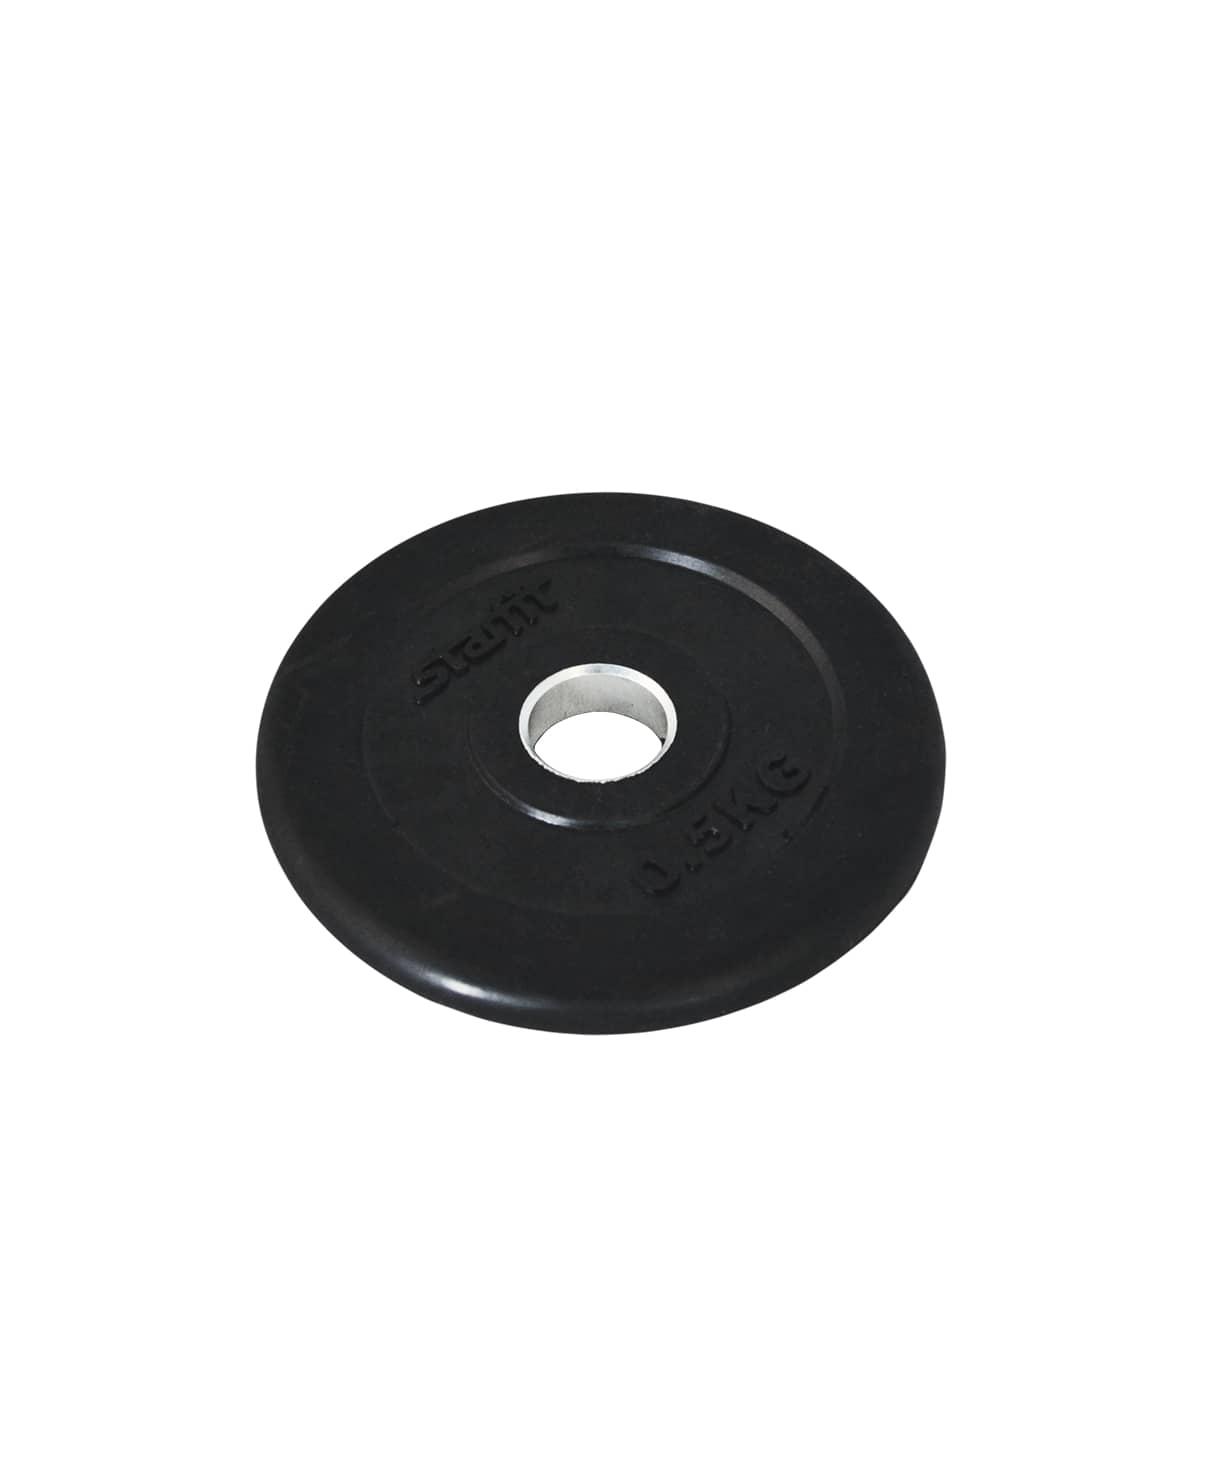 Диск обрезиненный BB-202, d=26 мм, черный, 0,5 кг